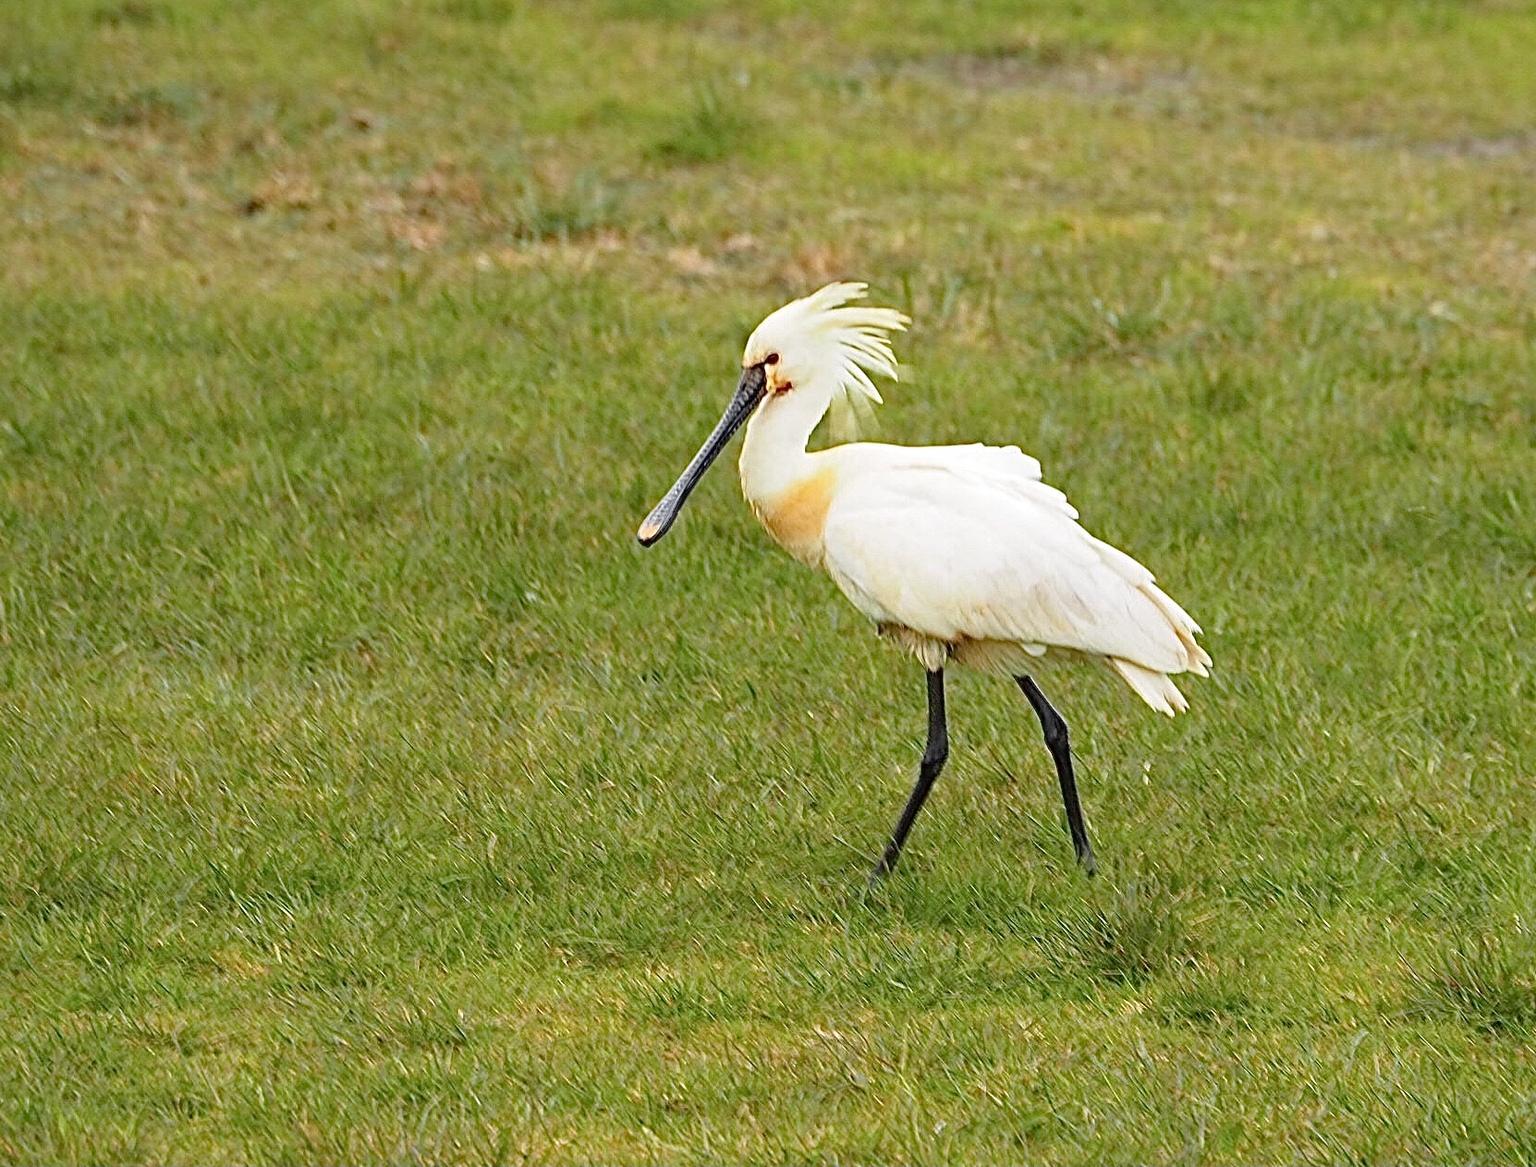 Lepelaar - Texel - foto door atzedejong-01 op 14-04-2021 - deze foto bevat: ecoregio, vogel, bek, natuurlijke omgeving, veer, natuurlijk landschap, grasland, gras, ciconiiformes, vleugel